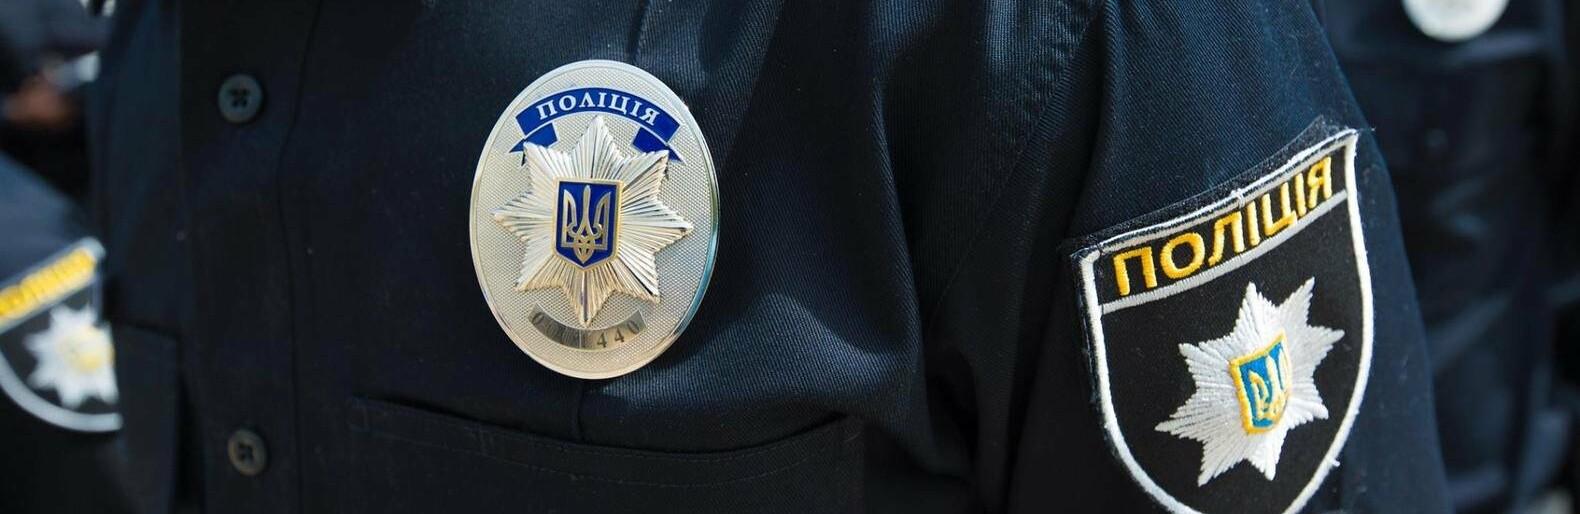 В результате ДТП в Одесской области скончалось два человека, - ФОТО0